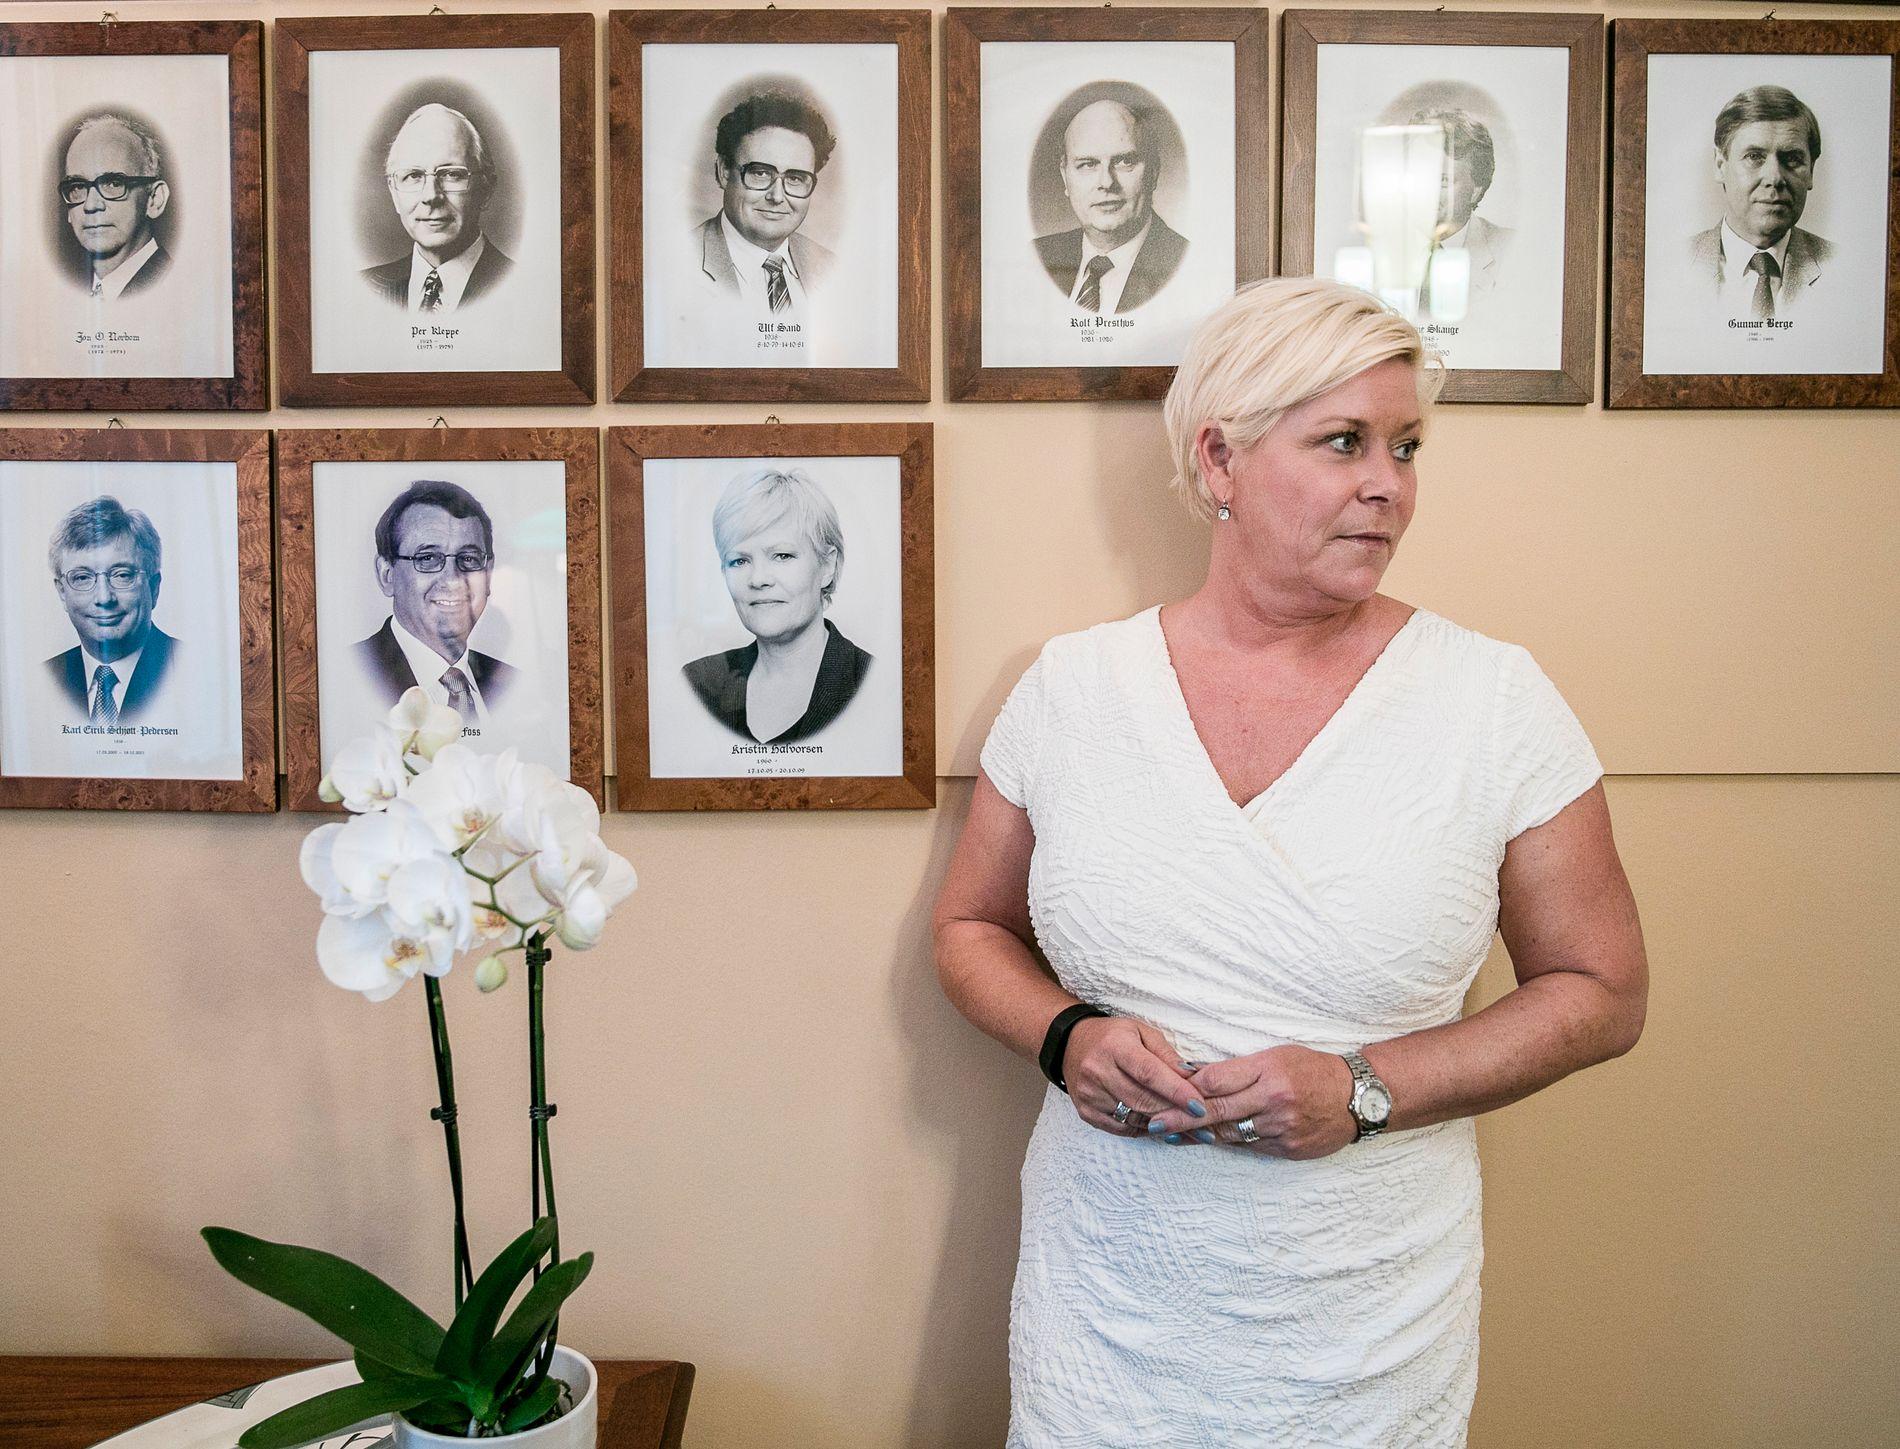 SAMARBEIDSVILLIG: Finansminister Siv Jensen (Frp) foran veggen hvor bilder av tidligere finansministere har fått plass.